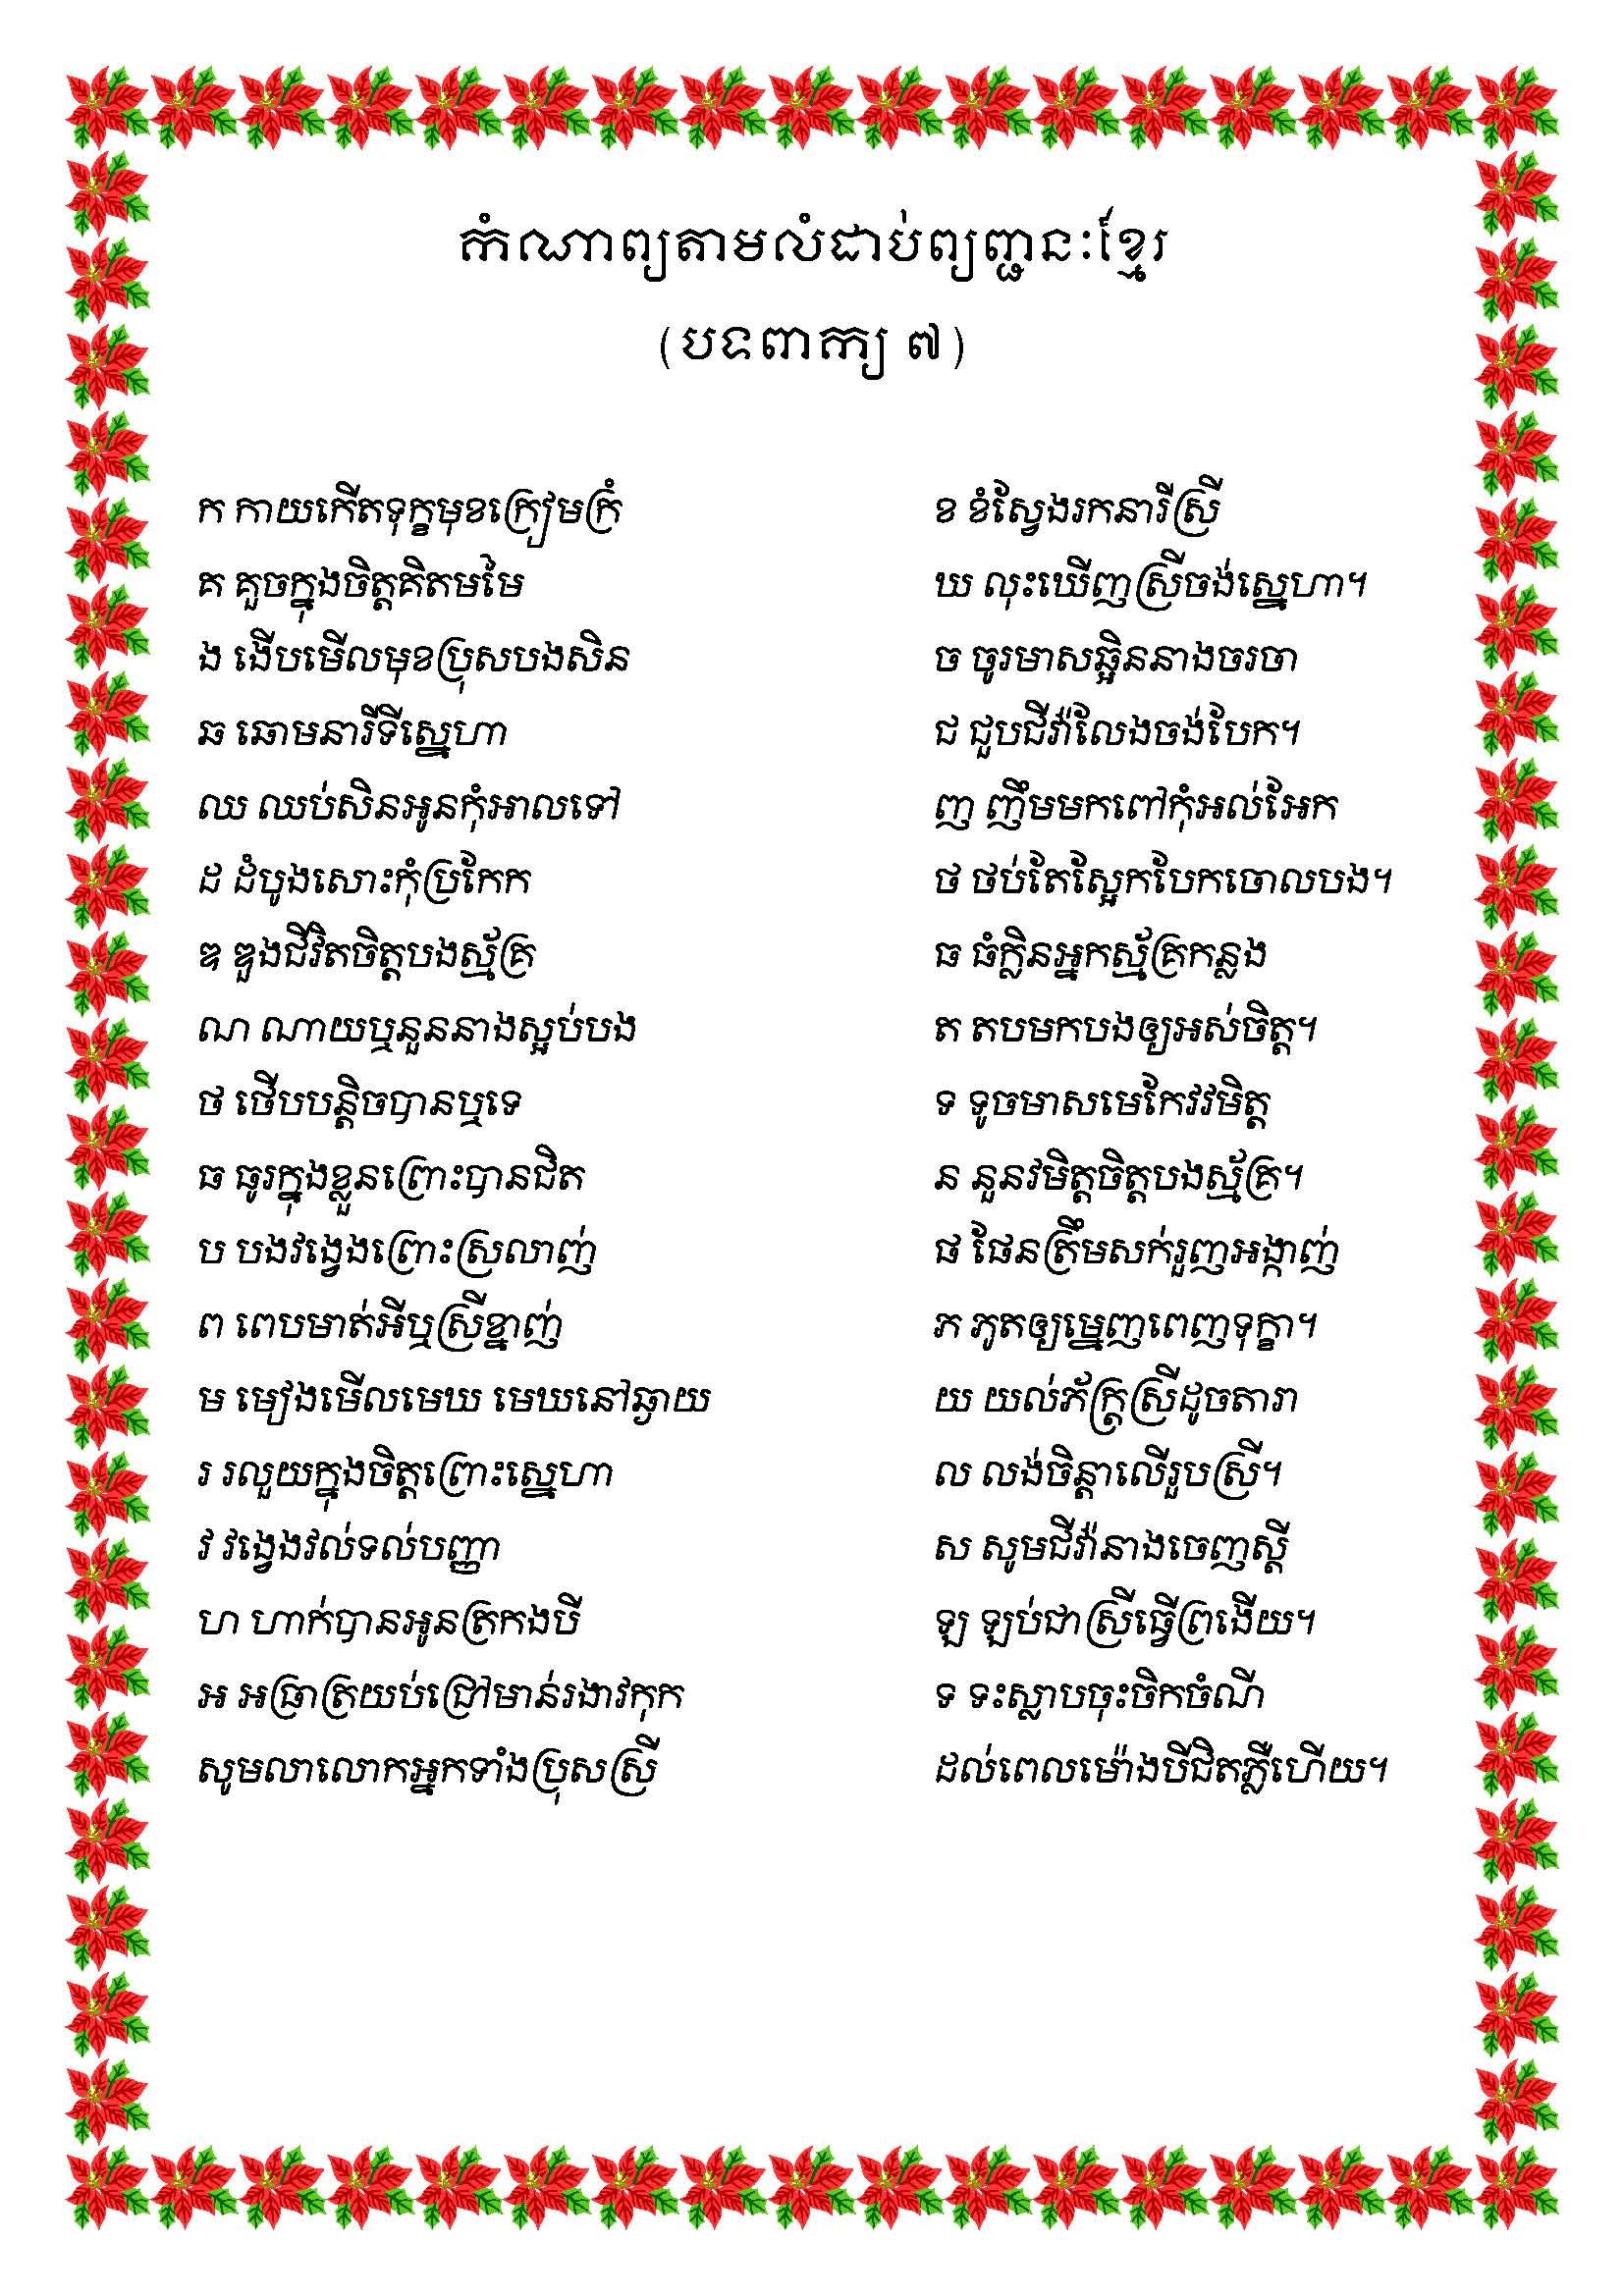 Country Profile of Cambodia